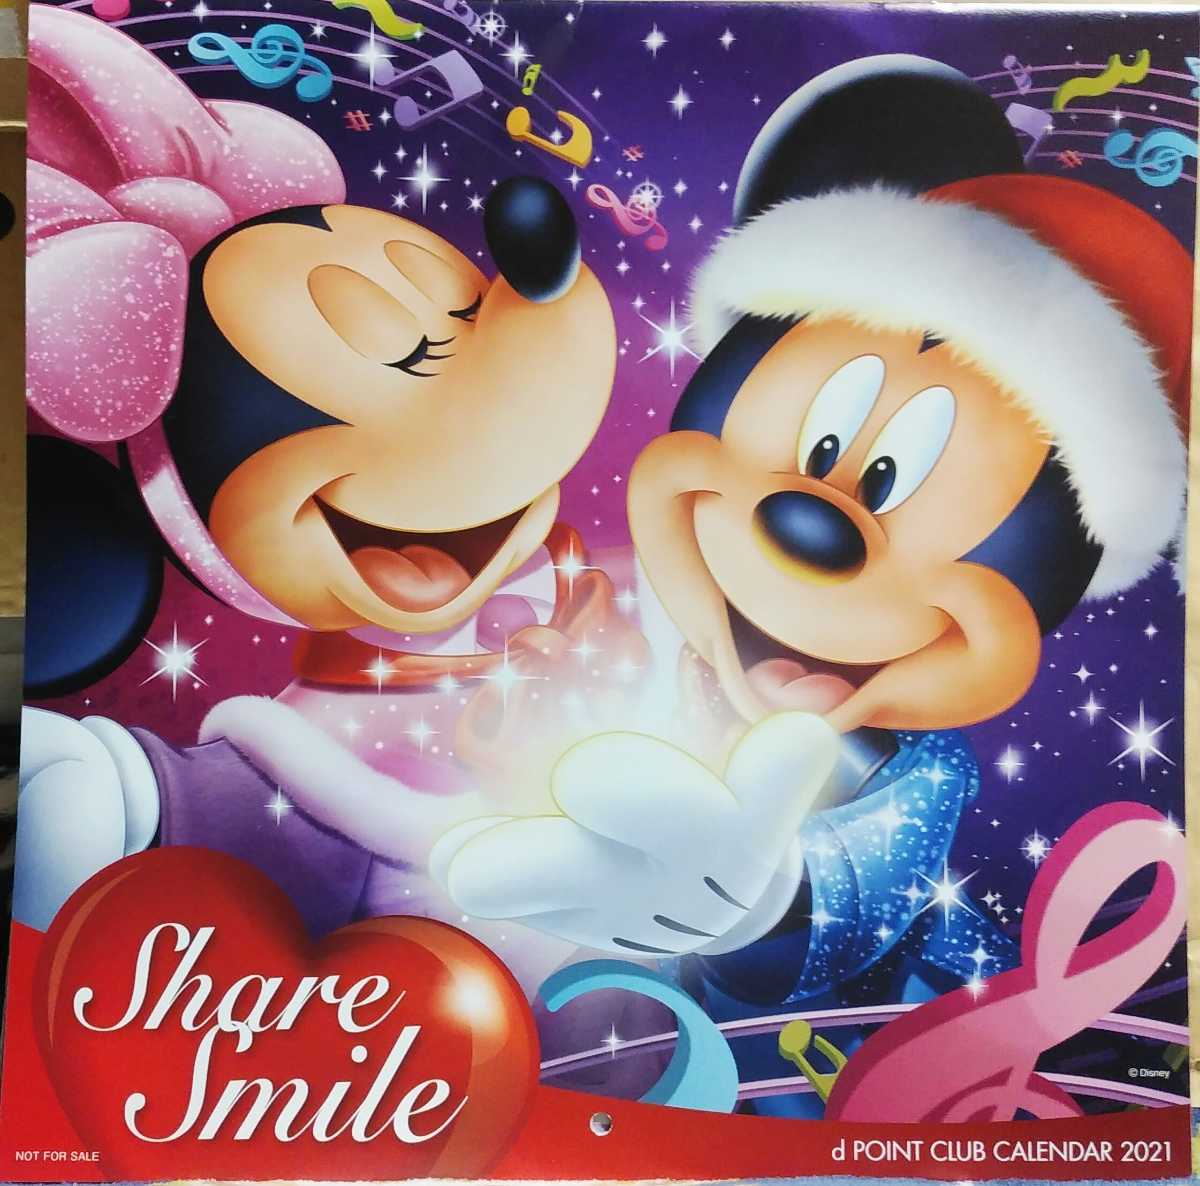 ディズニー カレンダー 2021 壁掛け ミッキーマウス_画像1